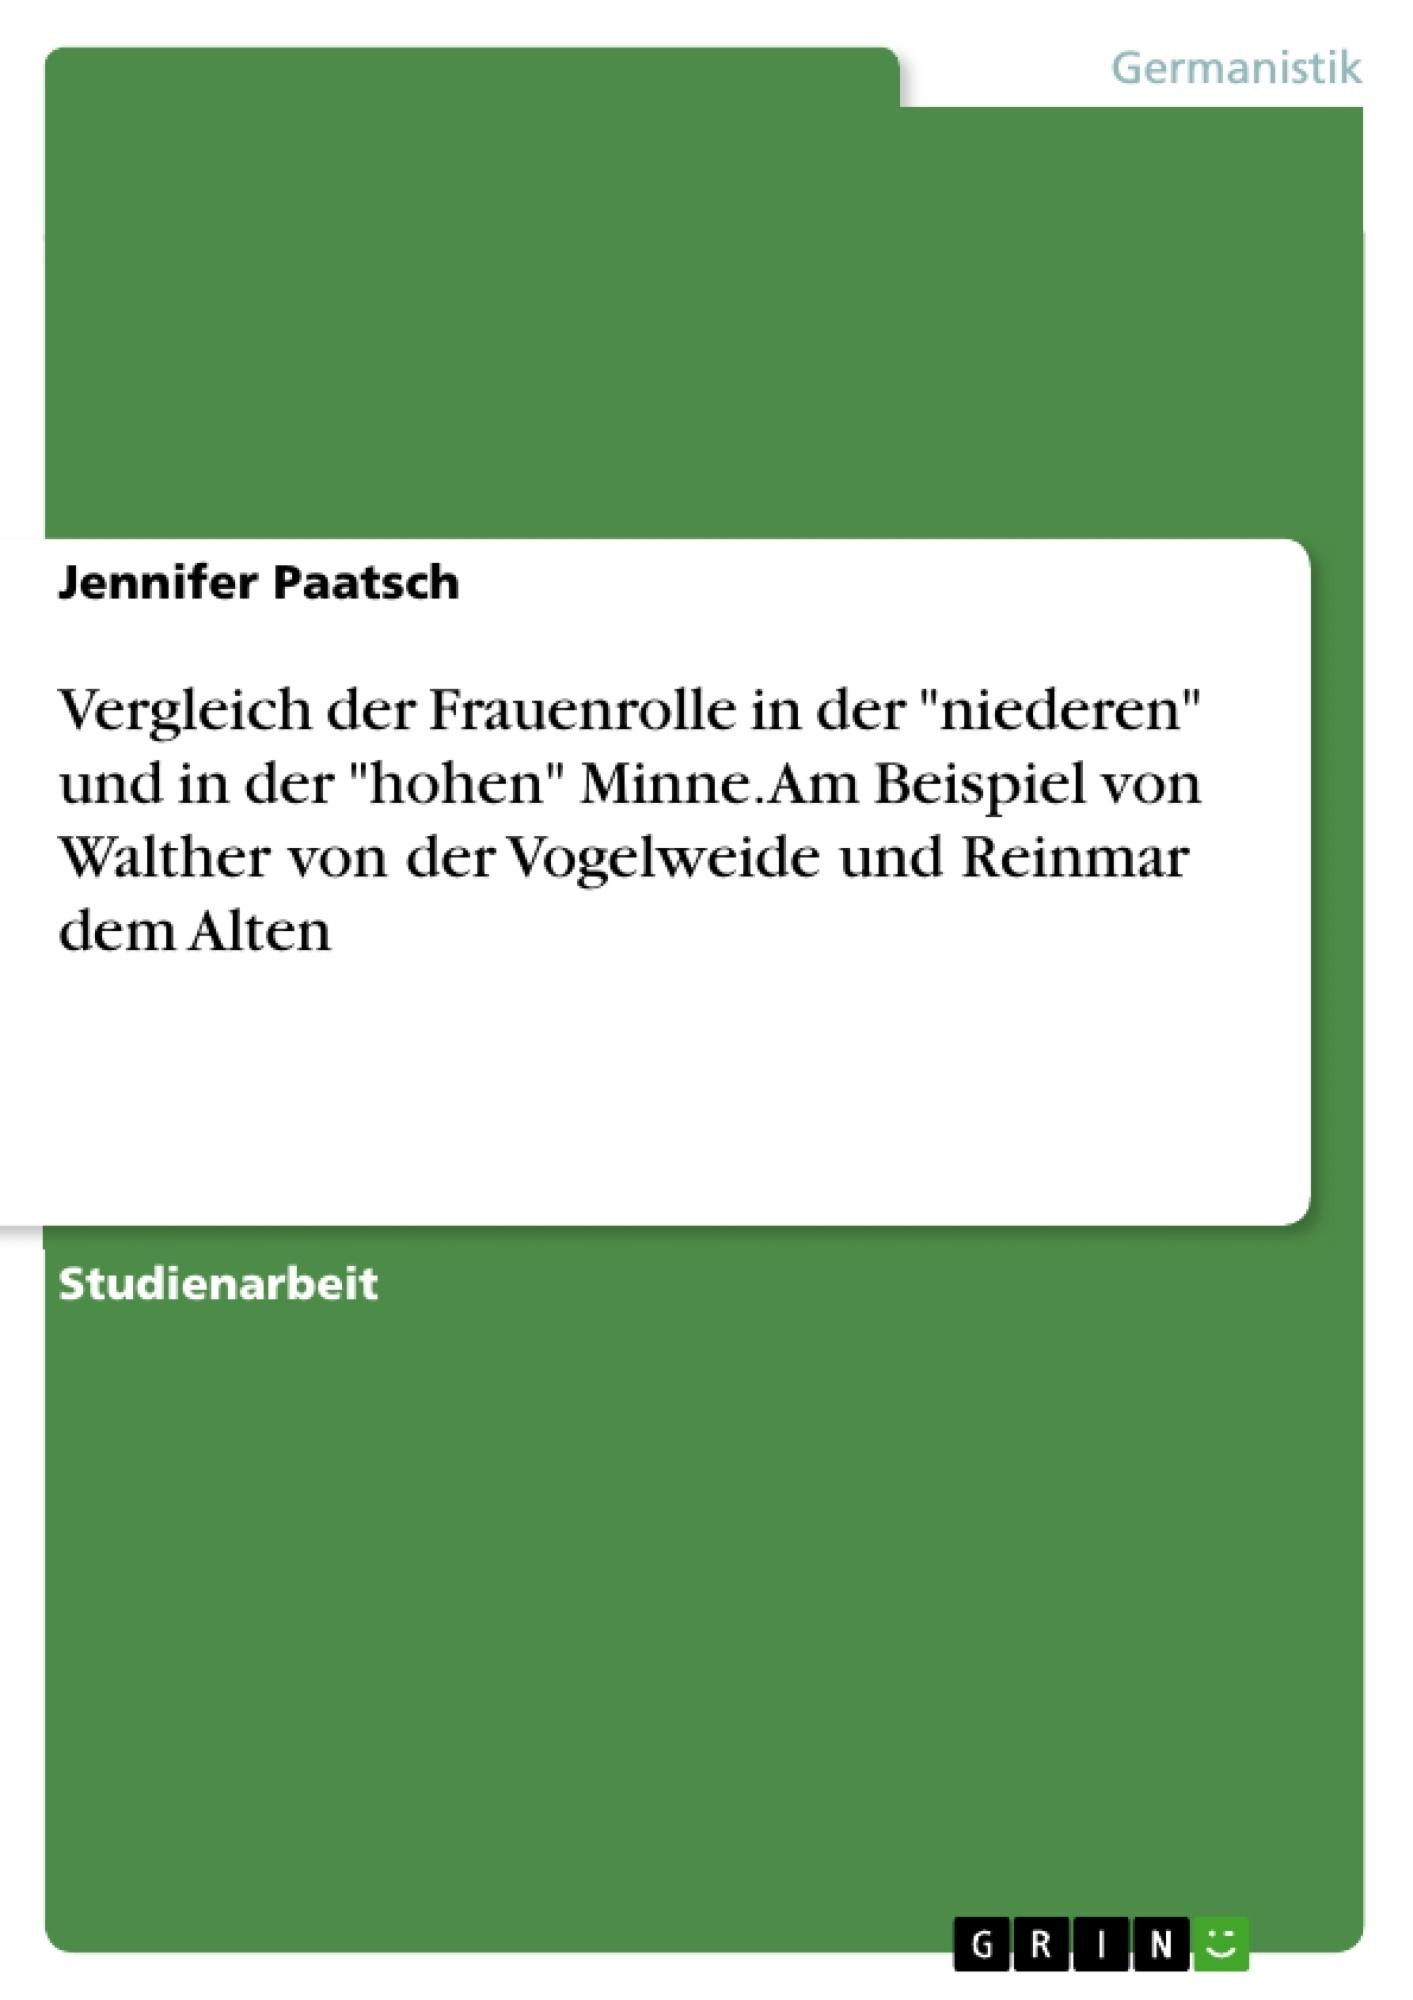 """Titel: Vergleich der Frauenrolle in der """"niederen"""" und in der """"hohen"""" Minne. Am Beispiel von Walther von der Vogelweide und Reinmar dem Alten"""